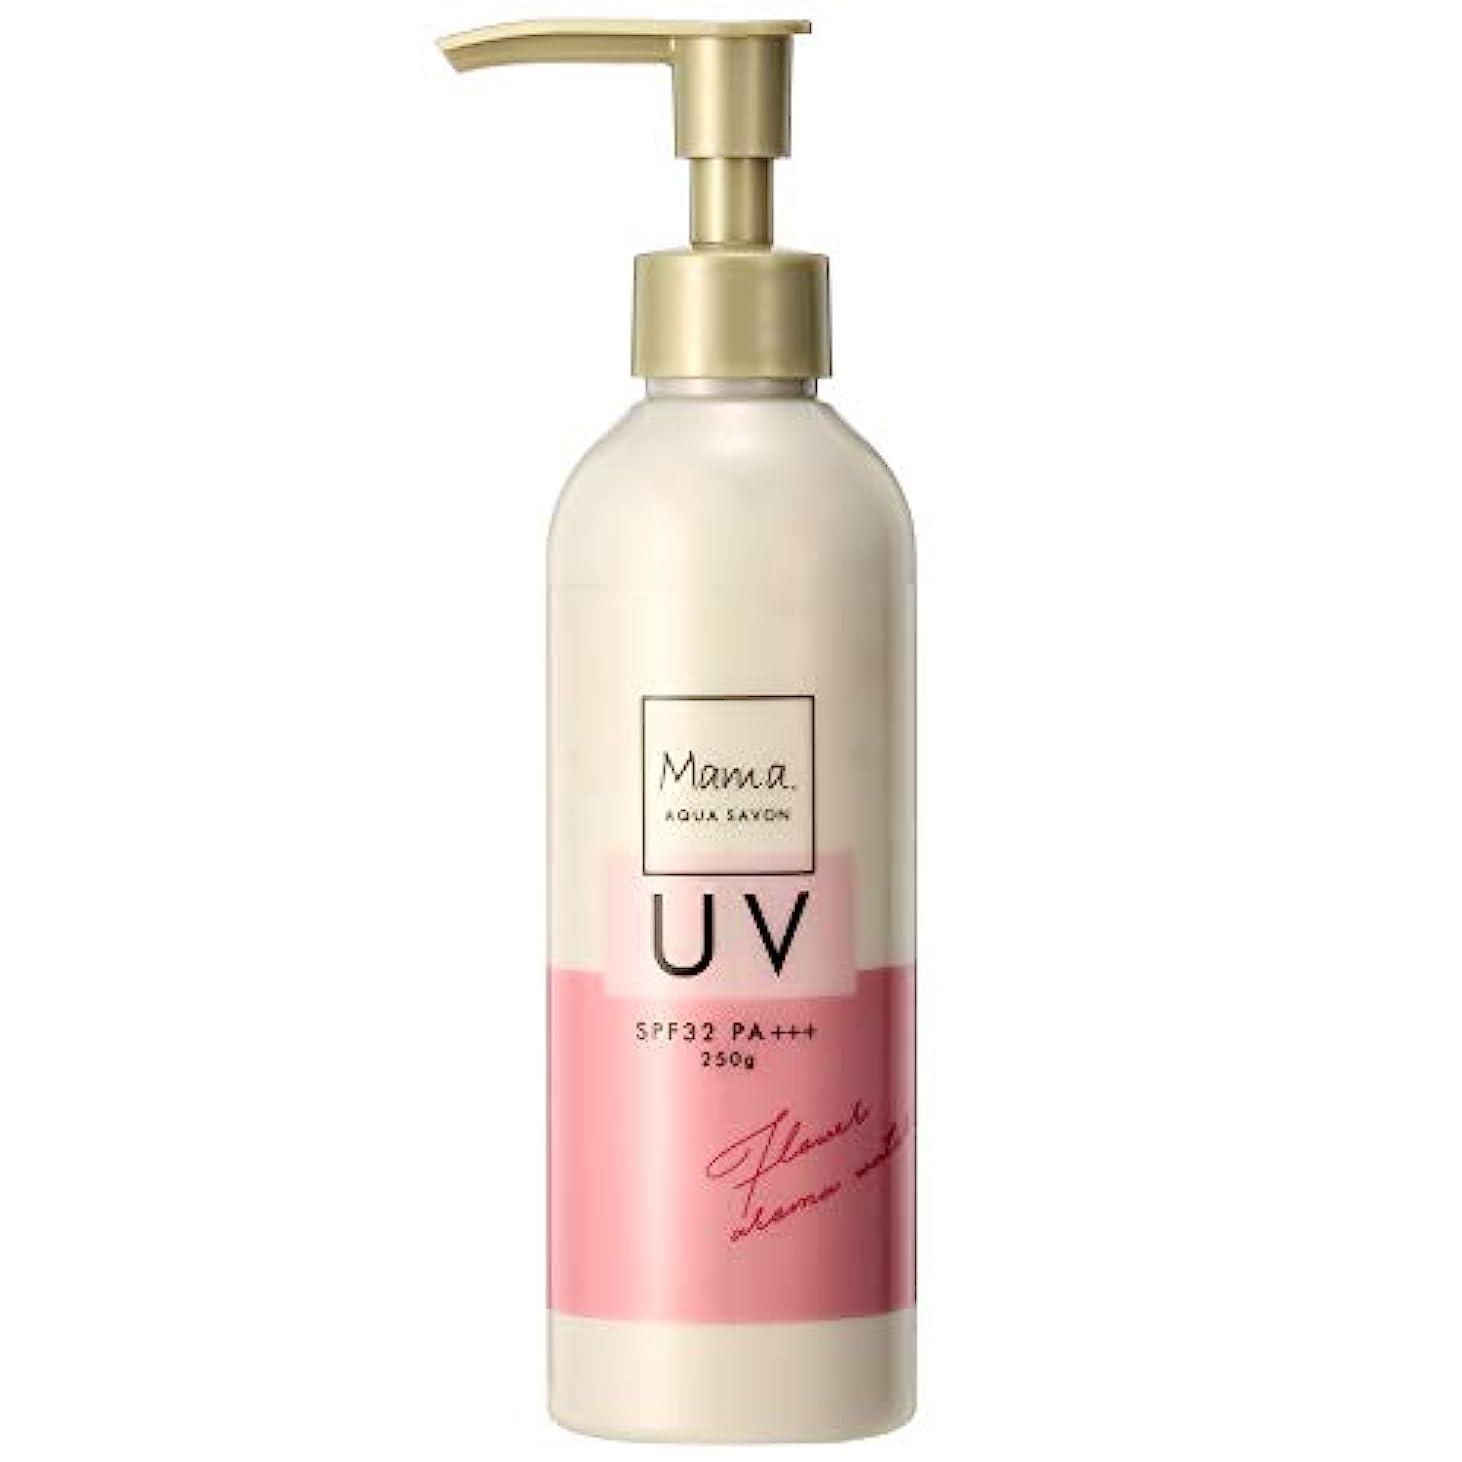 個人的に不和十分ですママアクアシャボン UVモイストジェル フラワーアロマウォーターの香り 19S 250g